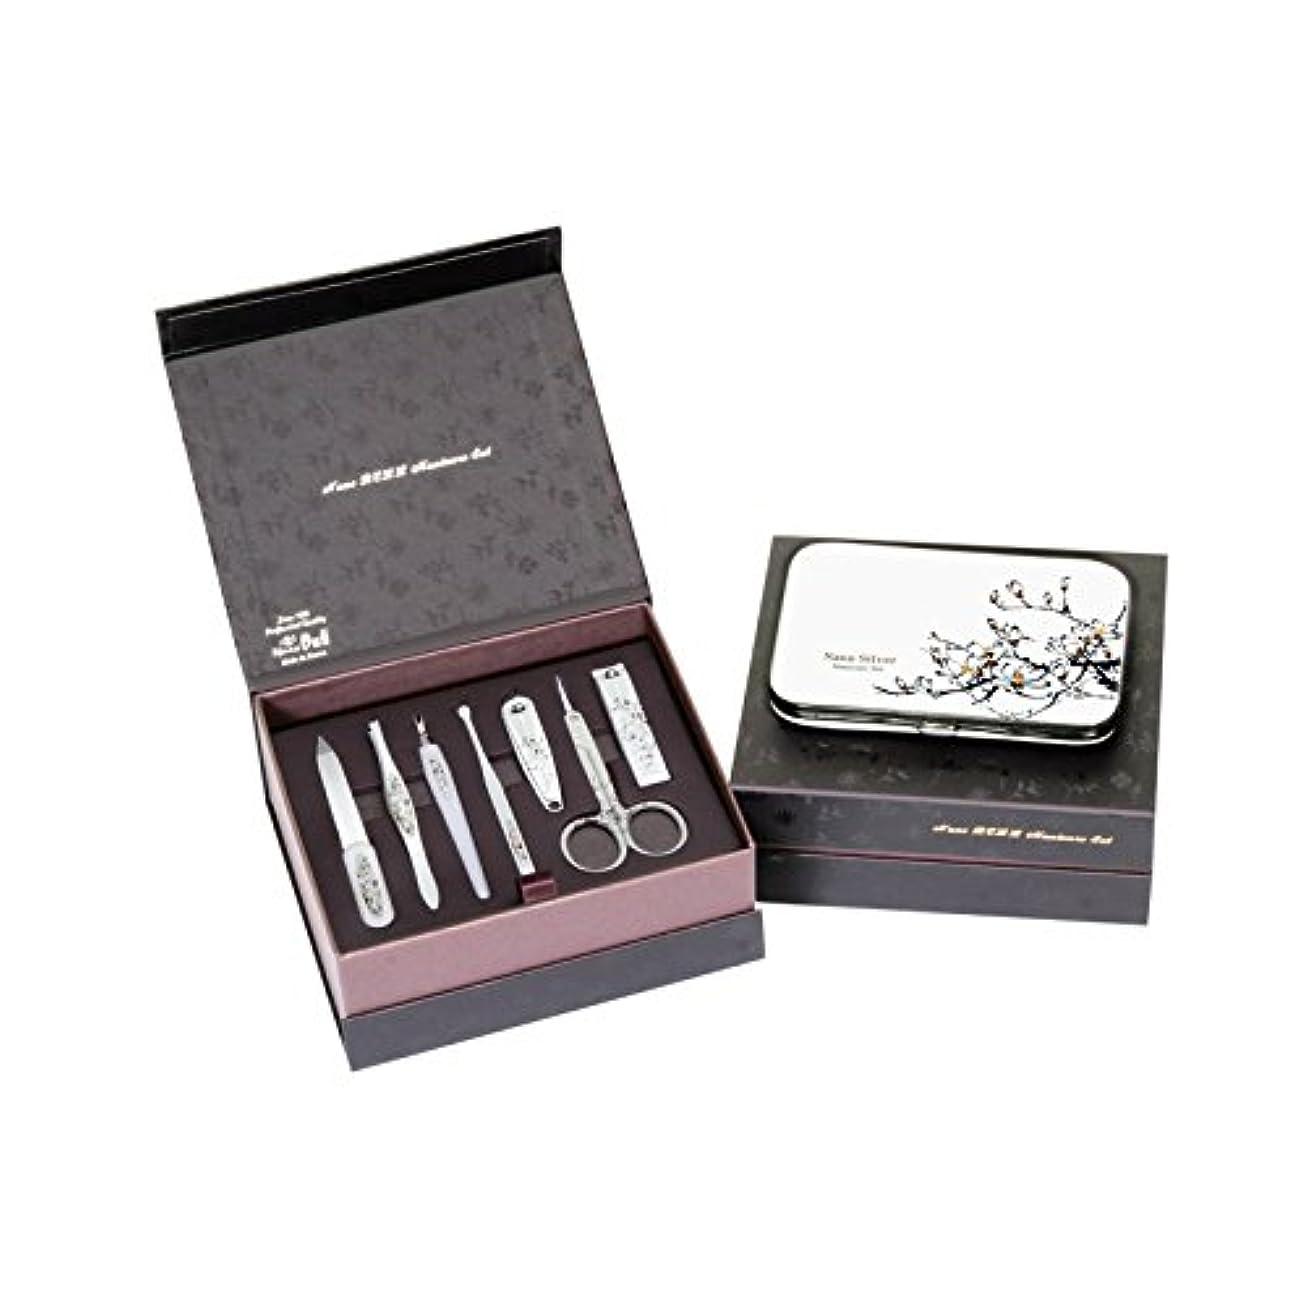 テーマトランペット宿るMETAL BELL Manicure Sets BN-8177A ポータブル爪の管理セット爪切りセット 高品質のネイルケアセット高級感のある東洋画のデザイン Portable Nail Clippers Nail Care...